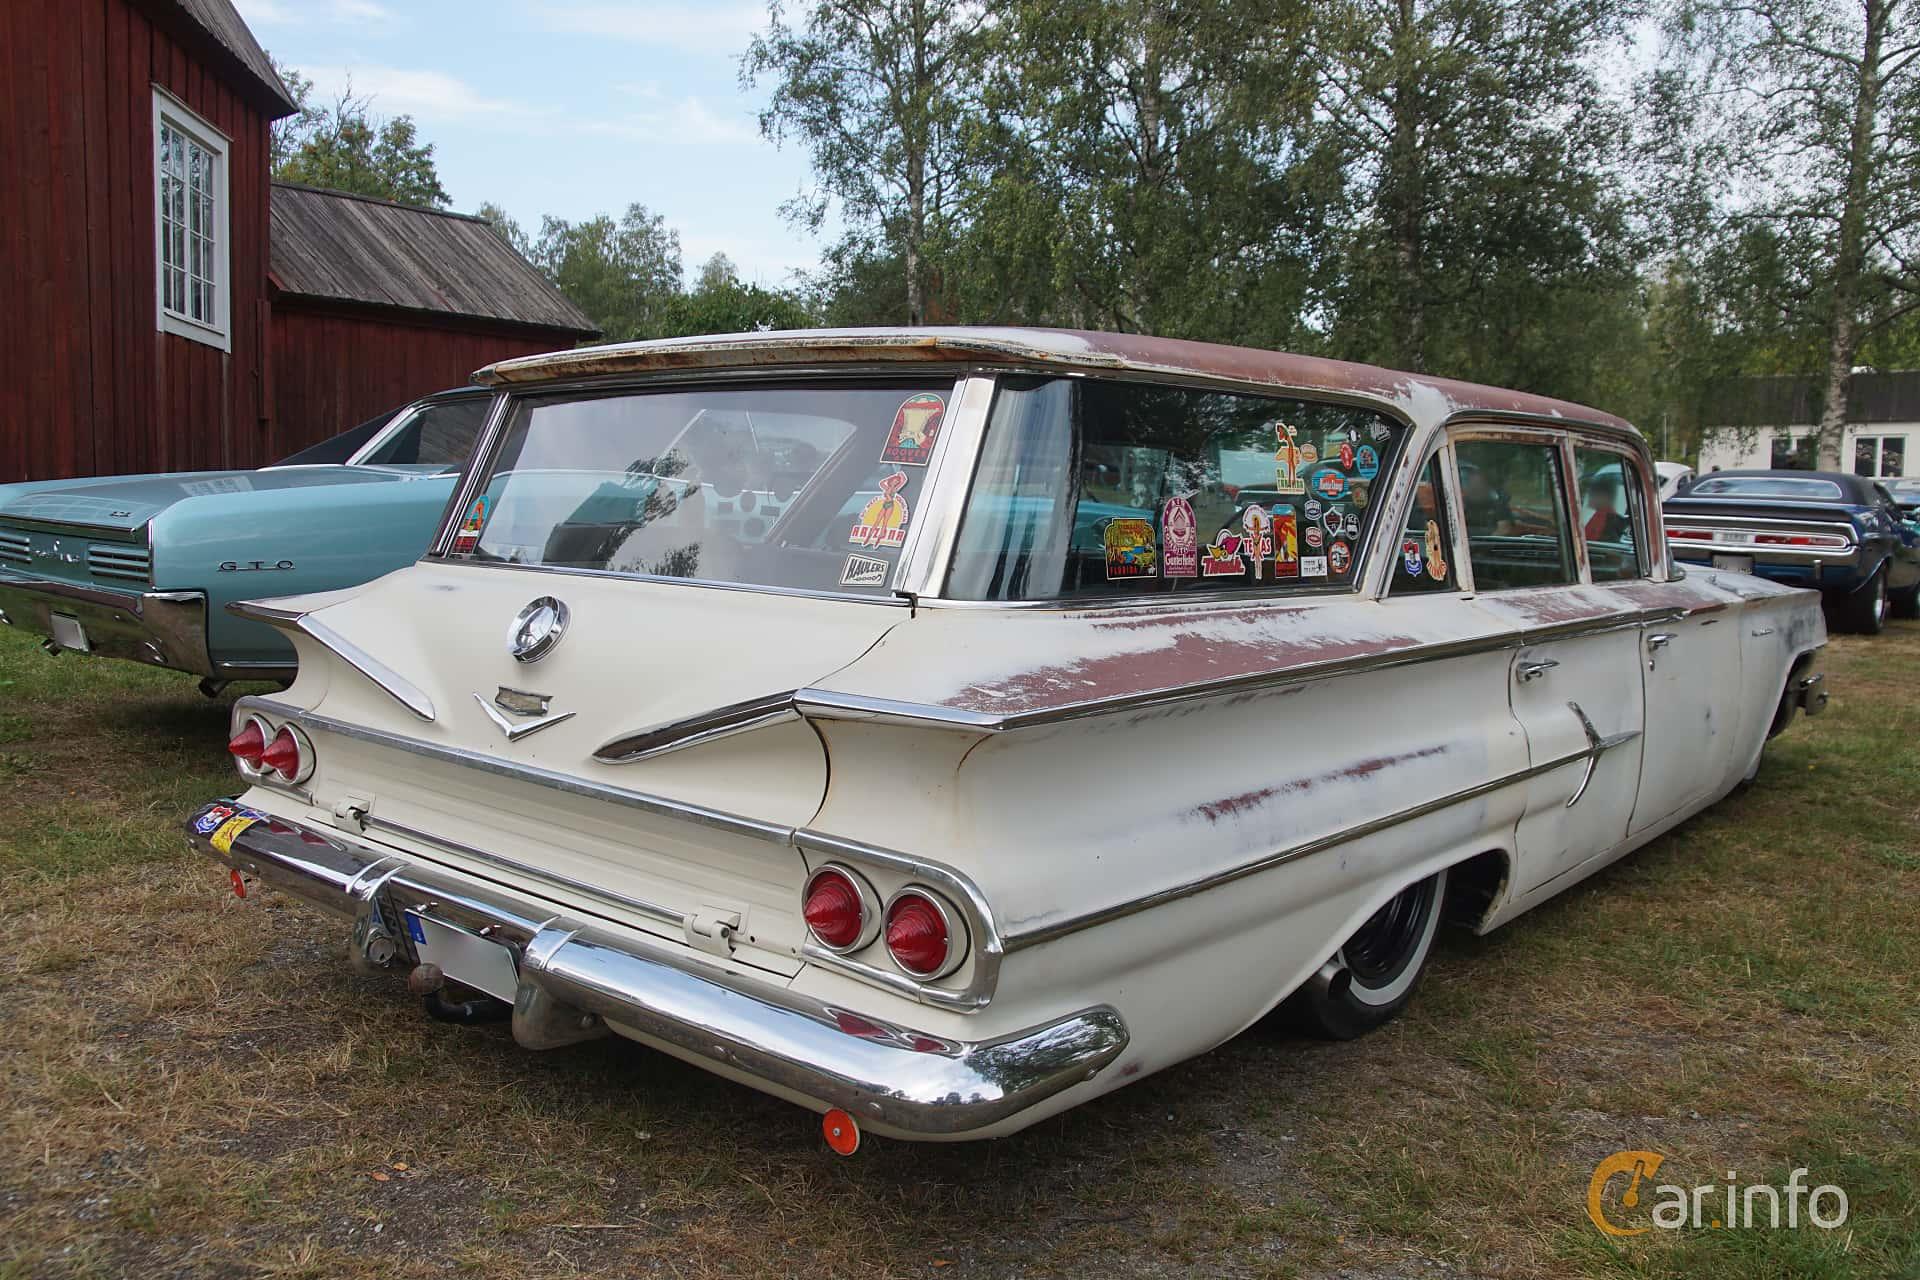 Chevrolet Parkwood 4.6 V8 Powerglide, 233hp, 1960 at Onsdagsträffar på Gammlia Umeå 2019 vecka 32